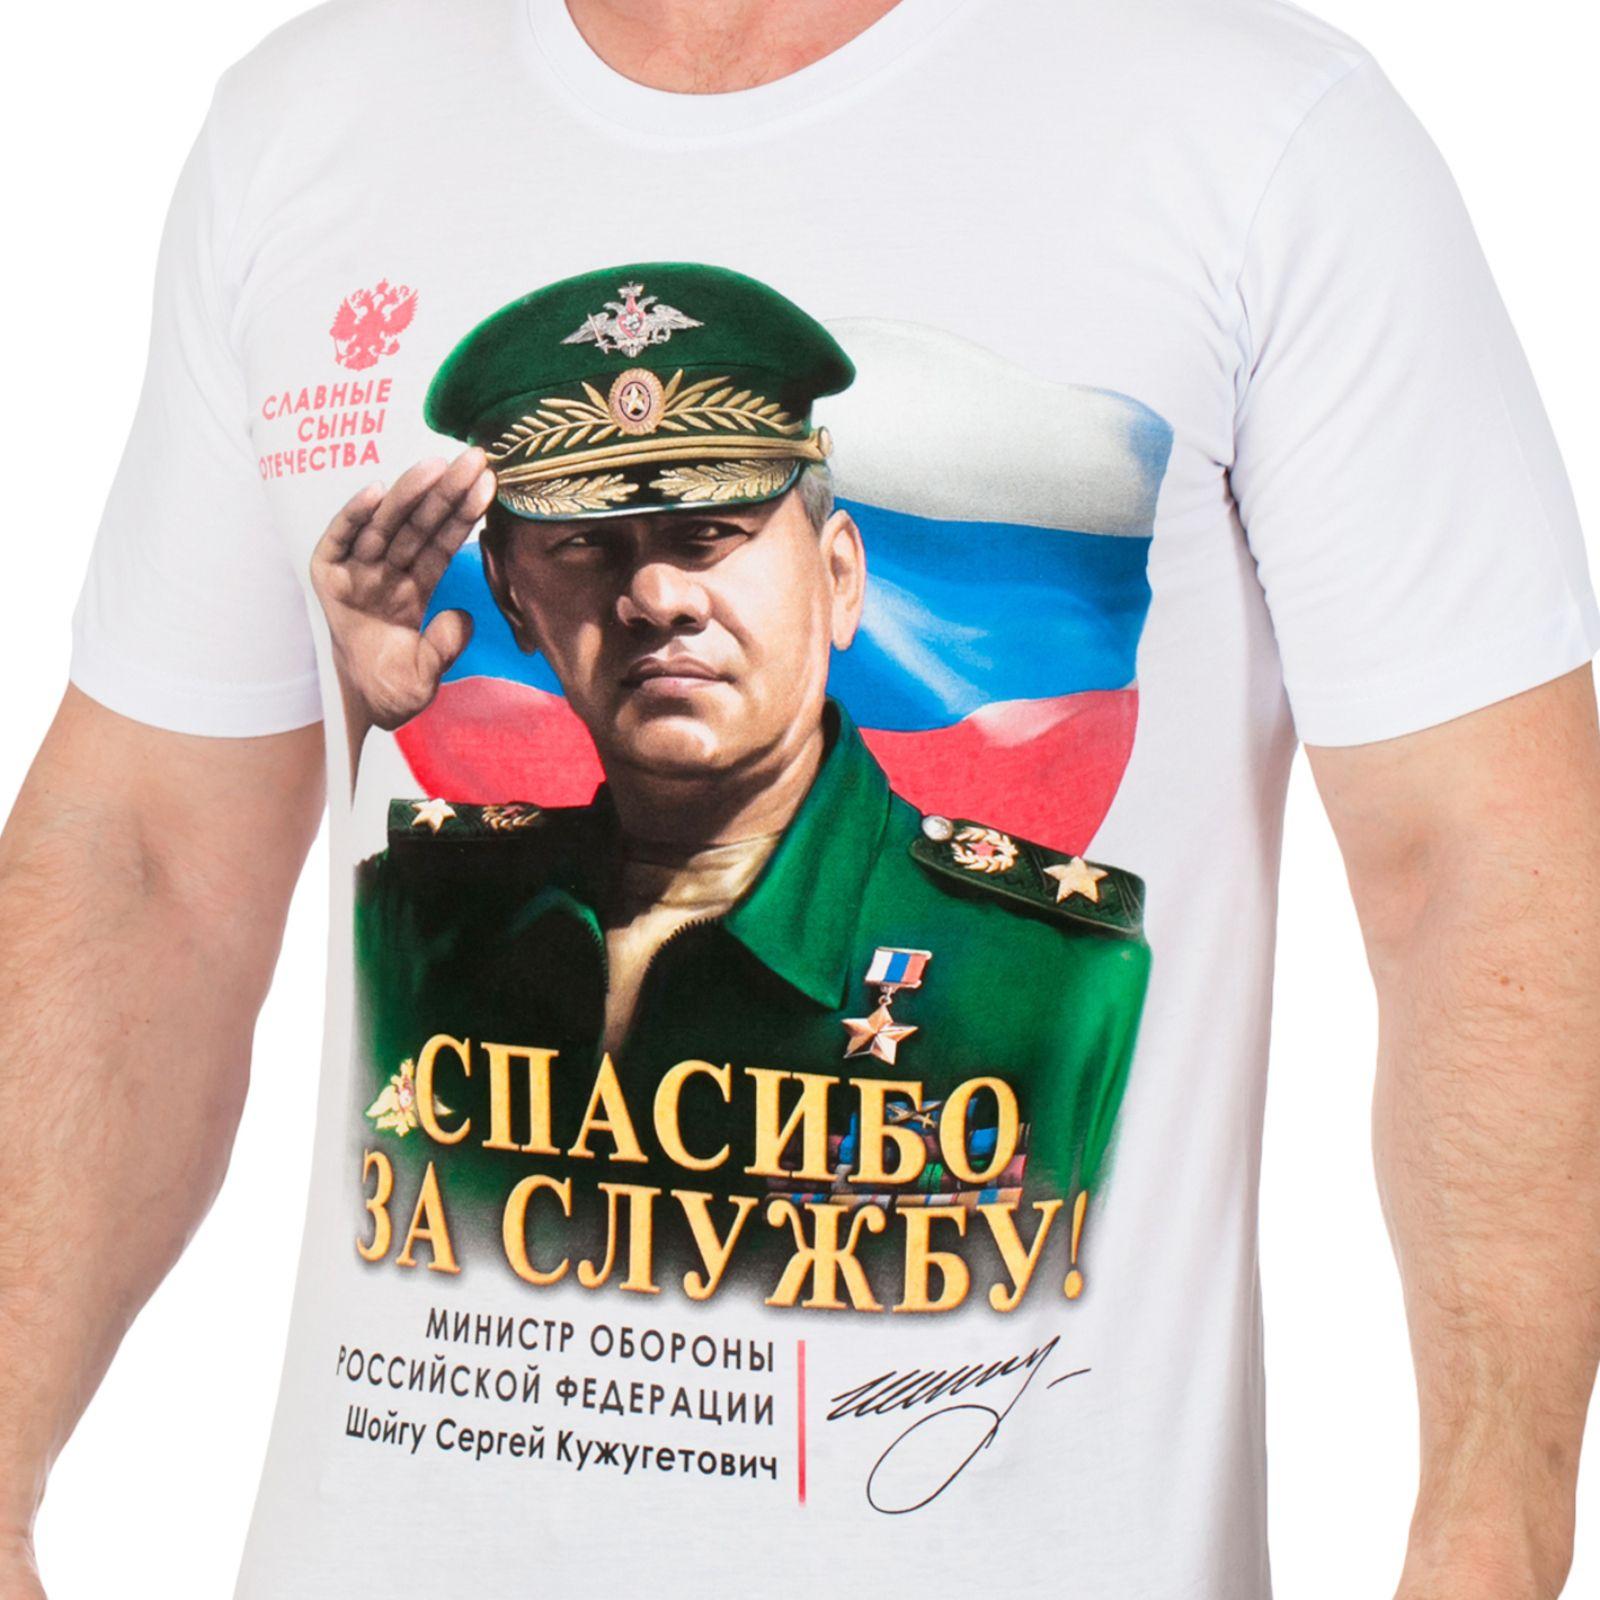 Футболка Шойгу С.К.